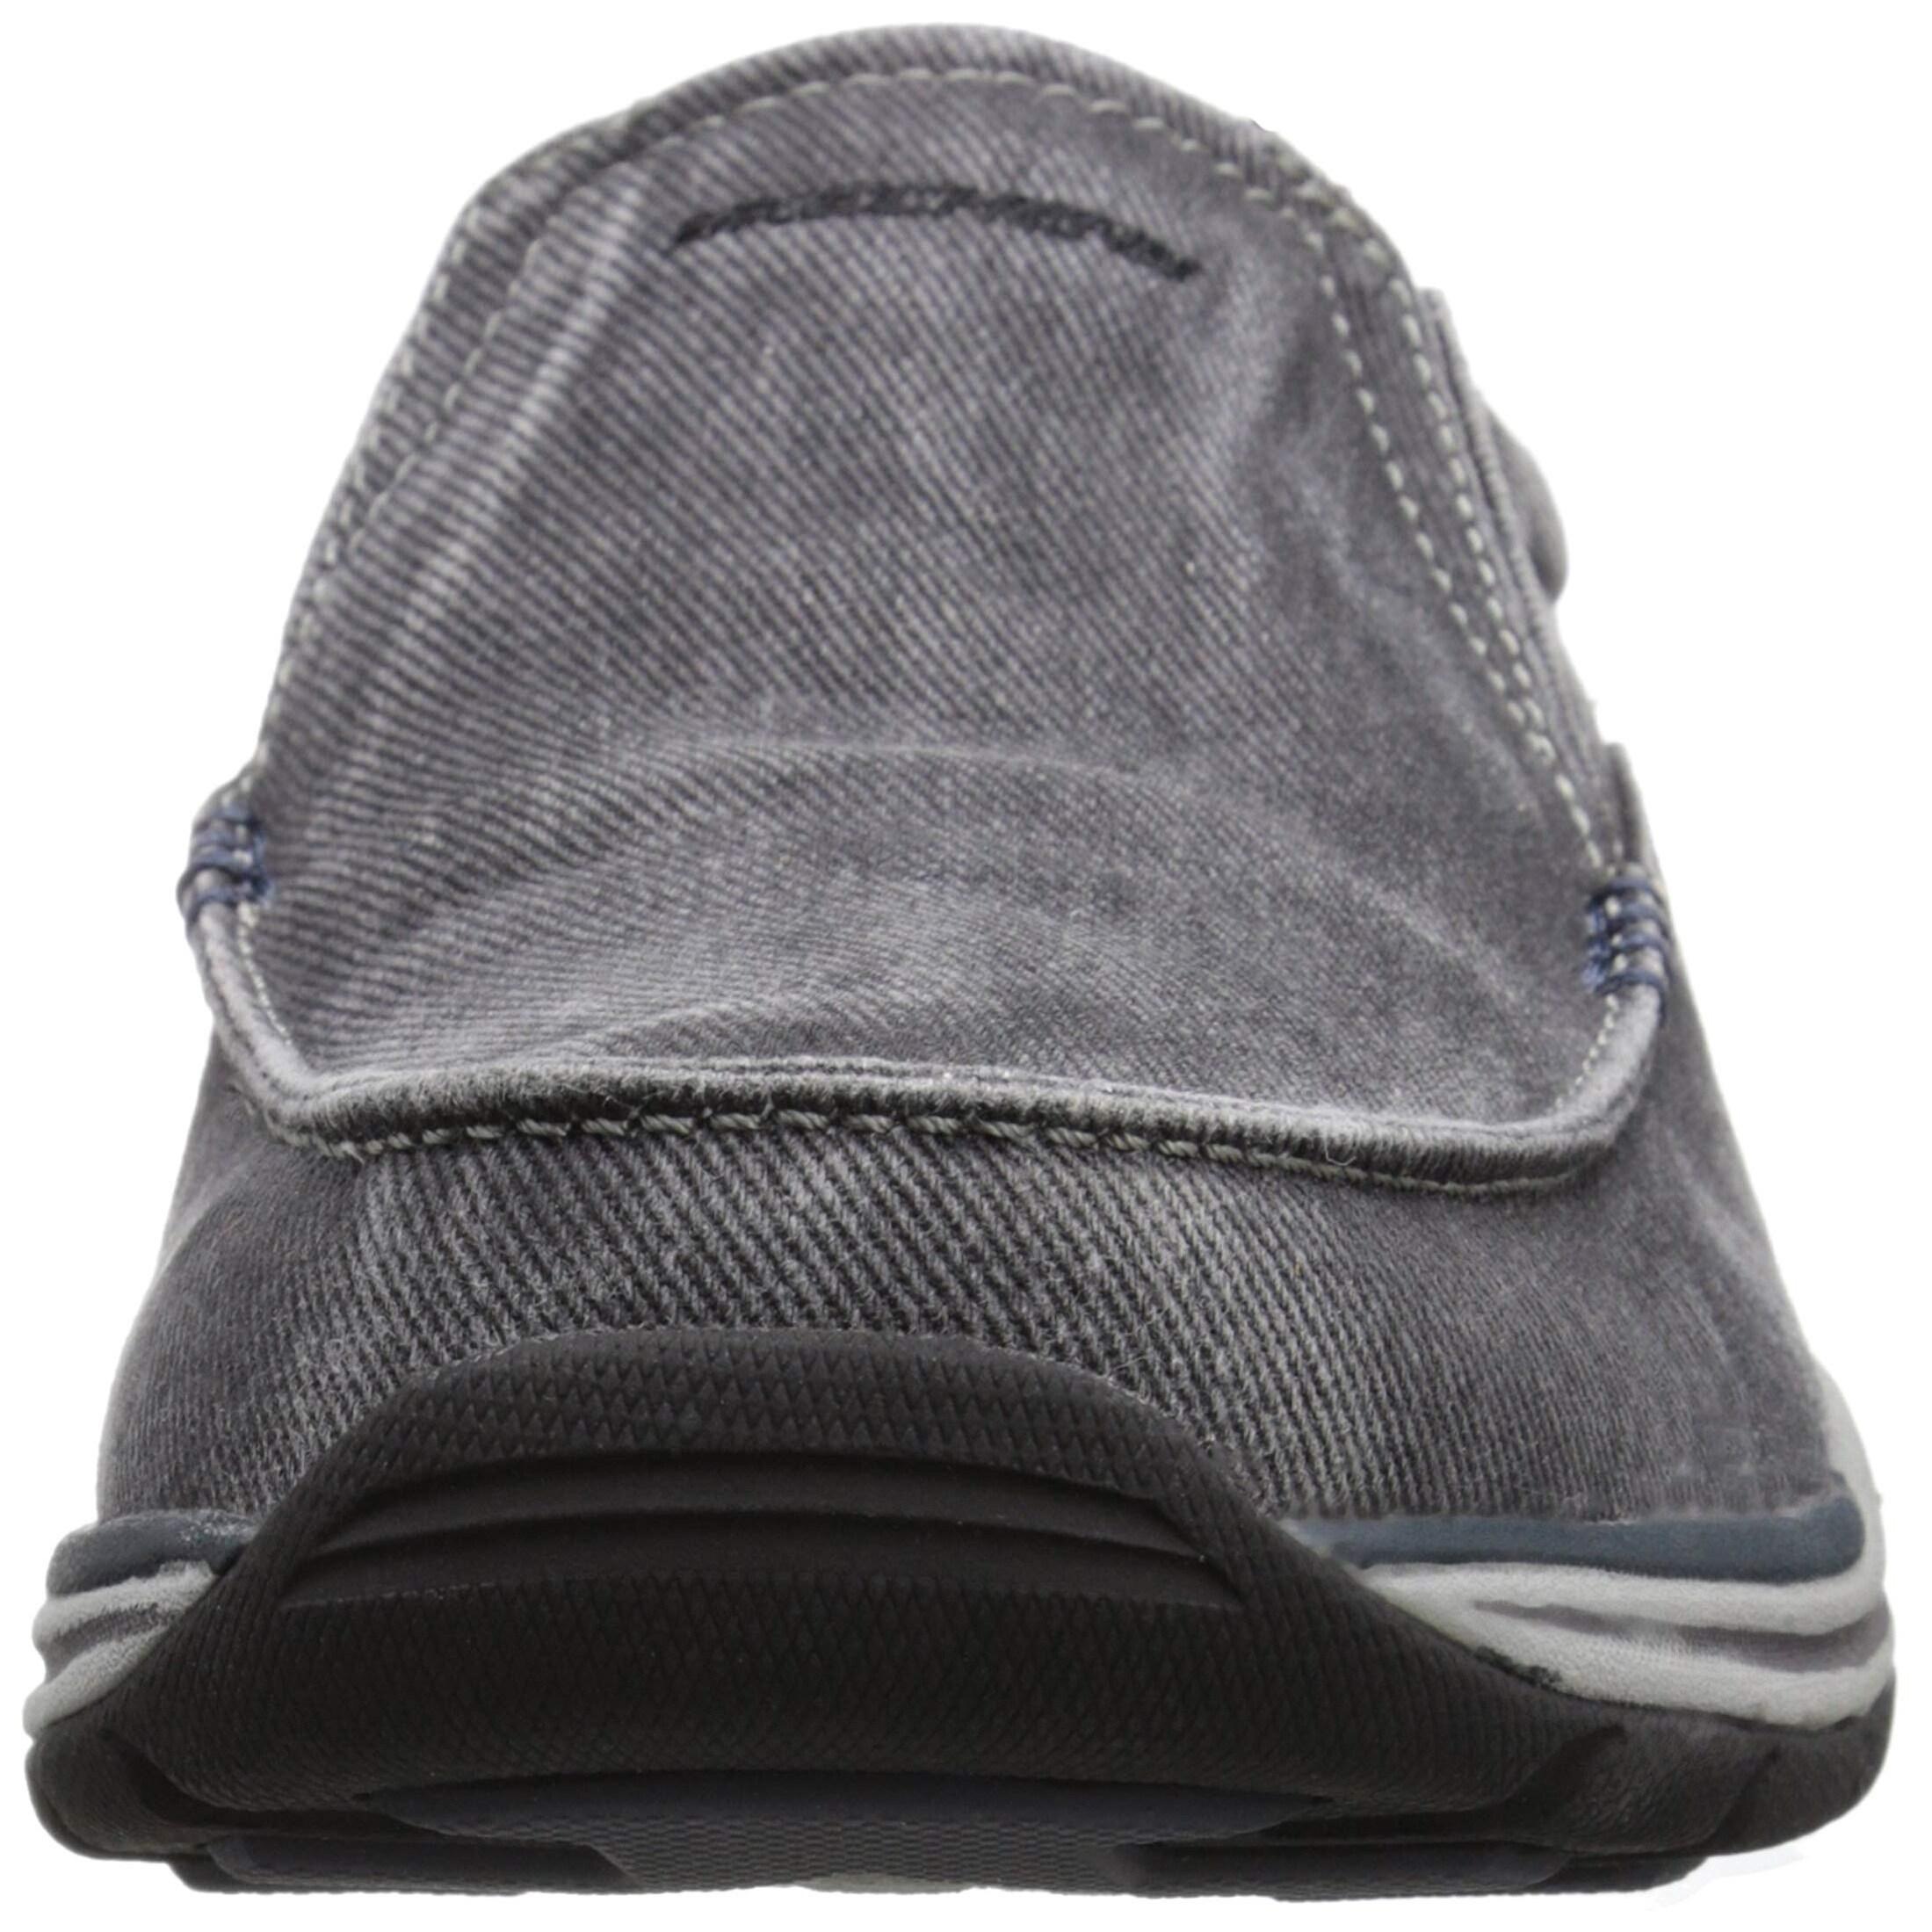 Skechers Usa Men's Expected Avillo Relaxed Fit Slip On Loafer,Black,12 M Us